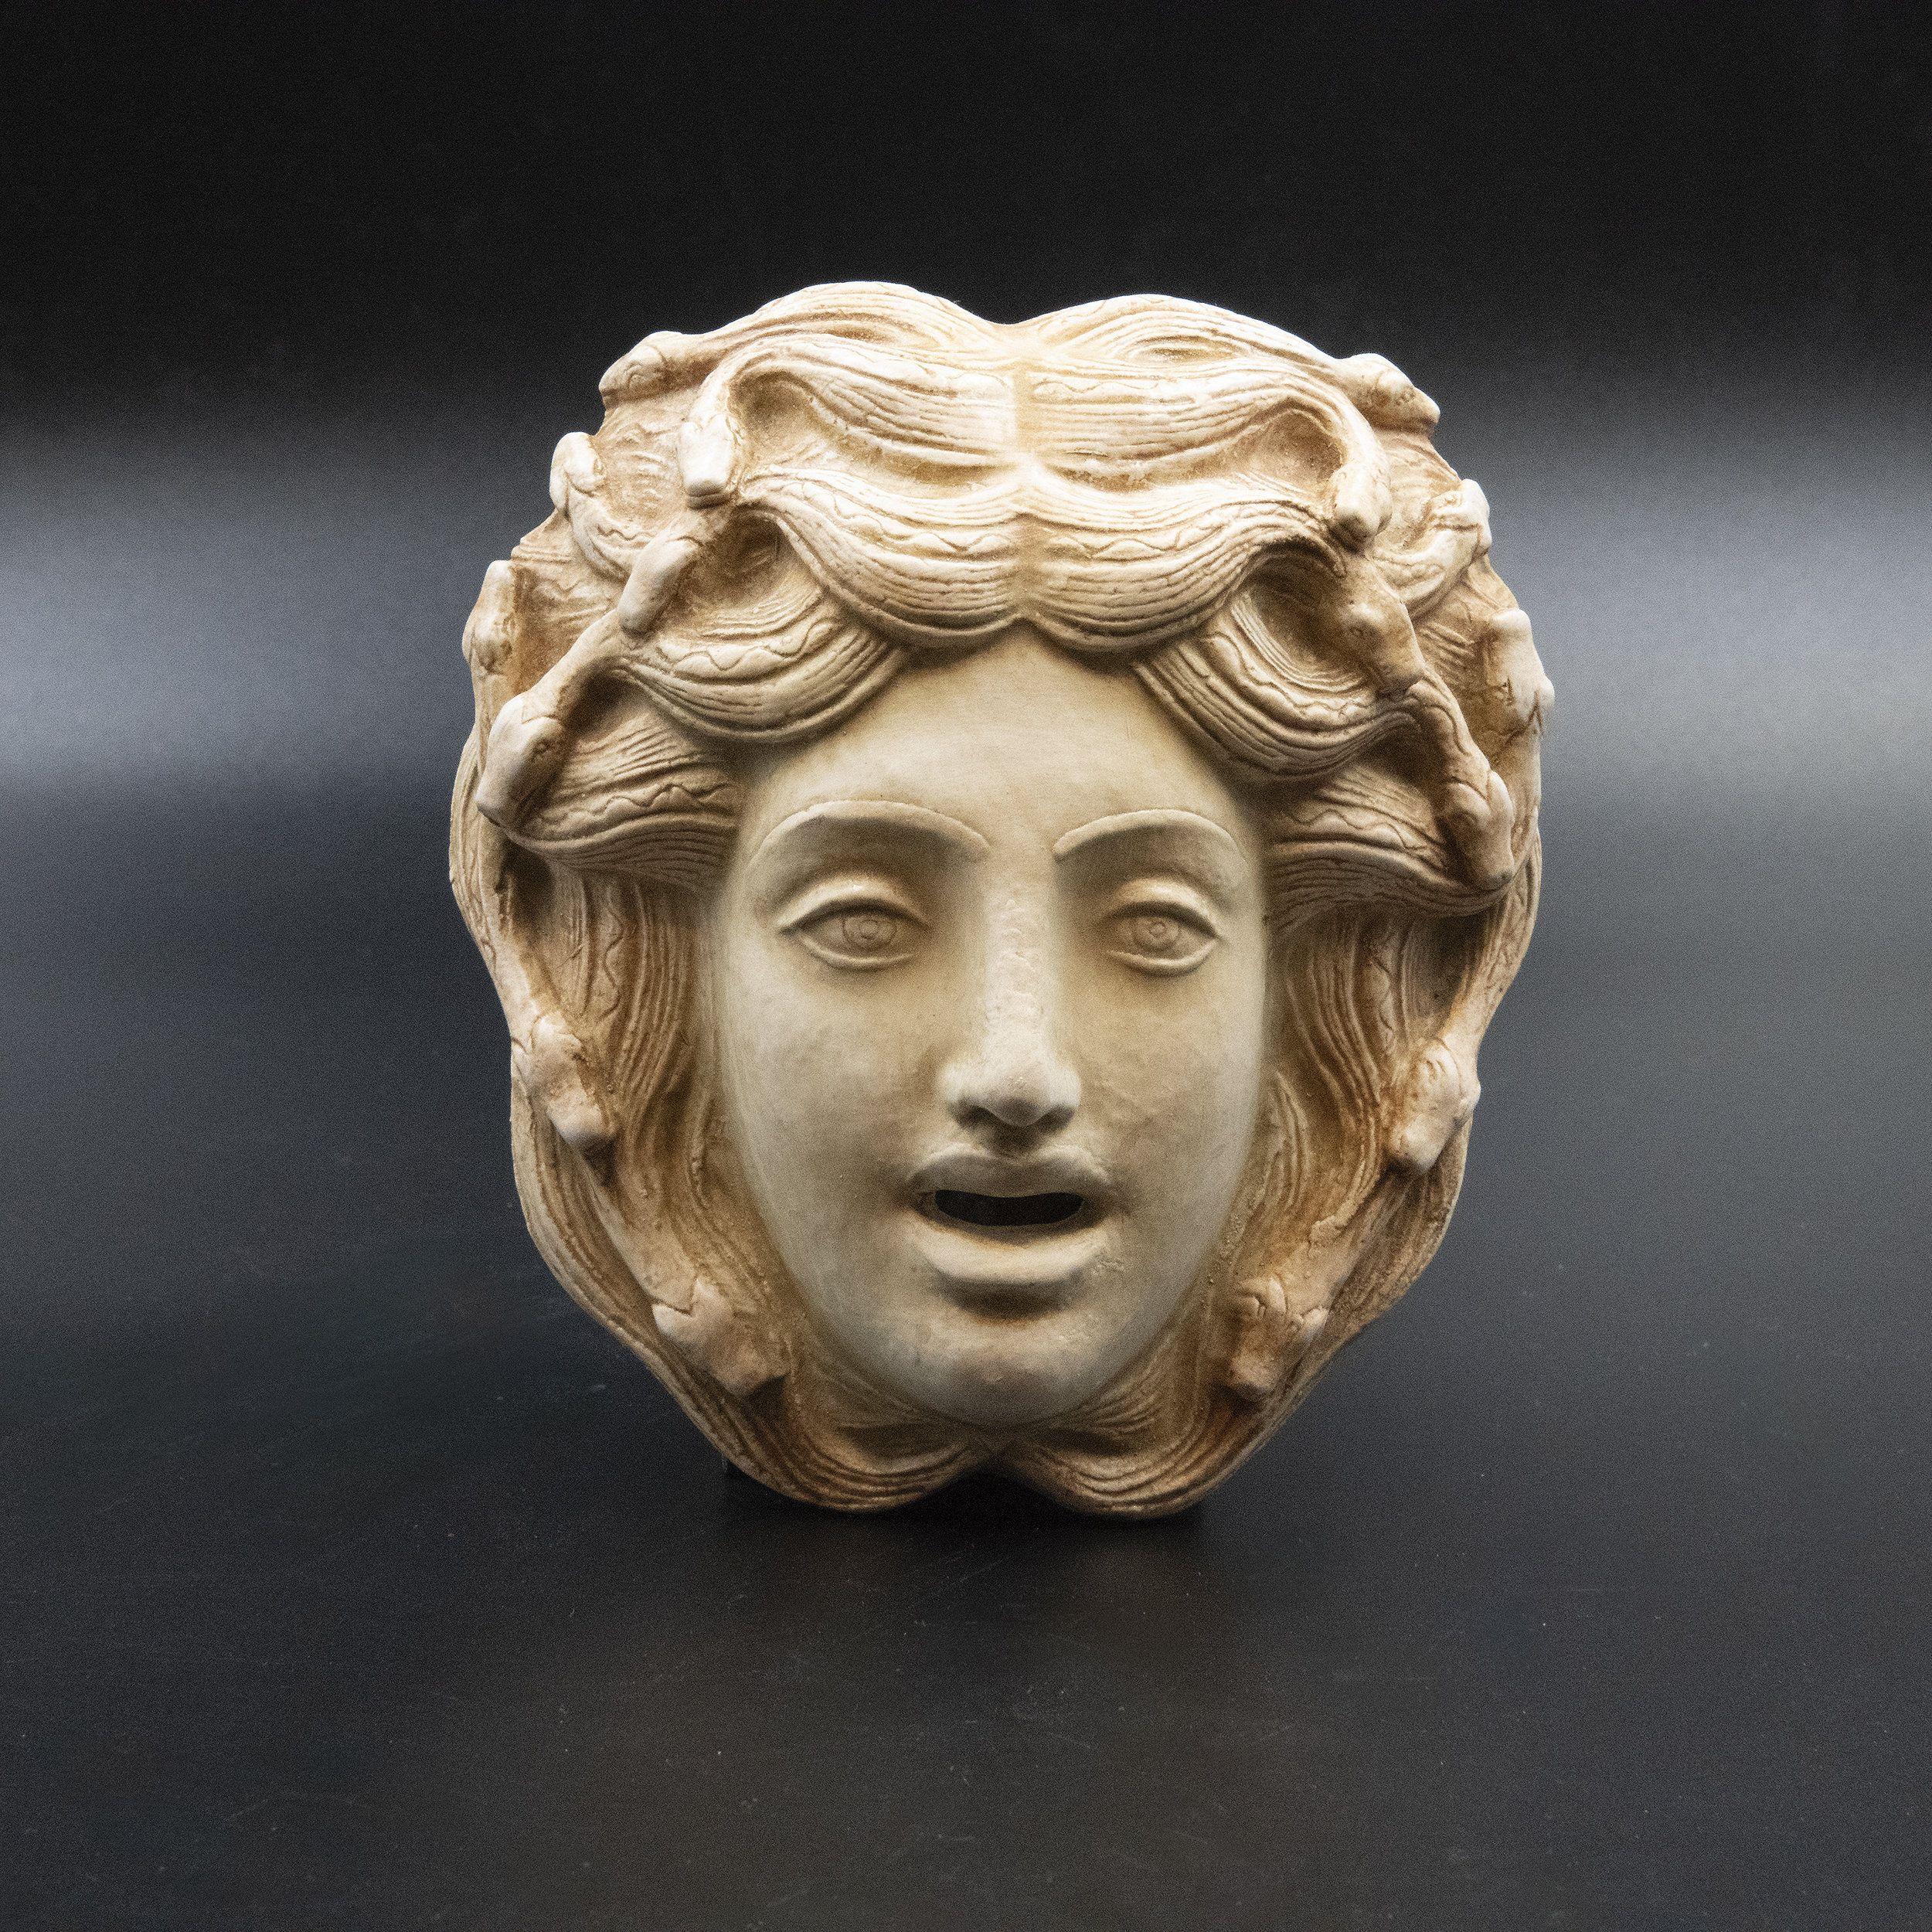 Medusa And Snakes Mask Ancient Greek Monster Head Of Gorgon Etsy Greek Monsters Greek Art Greek Sculpture